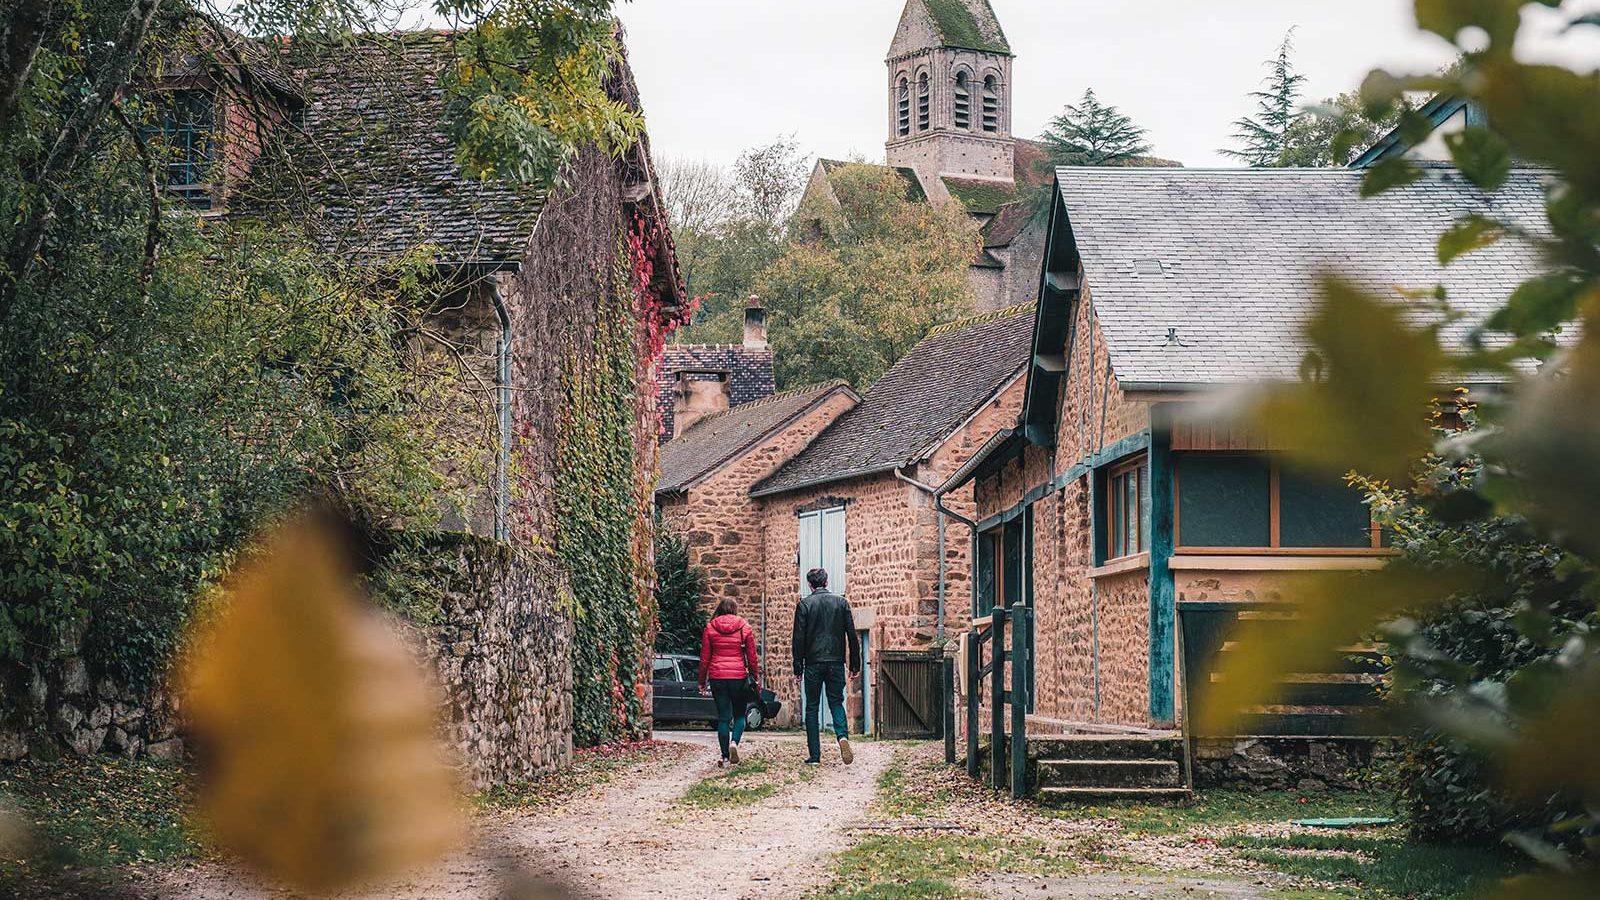 Liste Aller Sehenswurdigkeiten Normandie Normandie Urlaub Frankreich